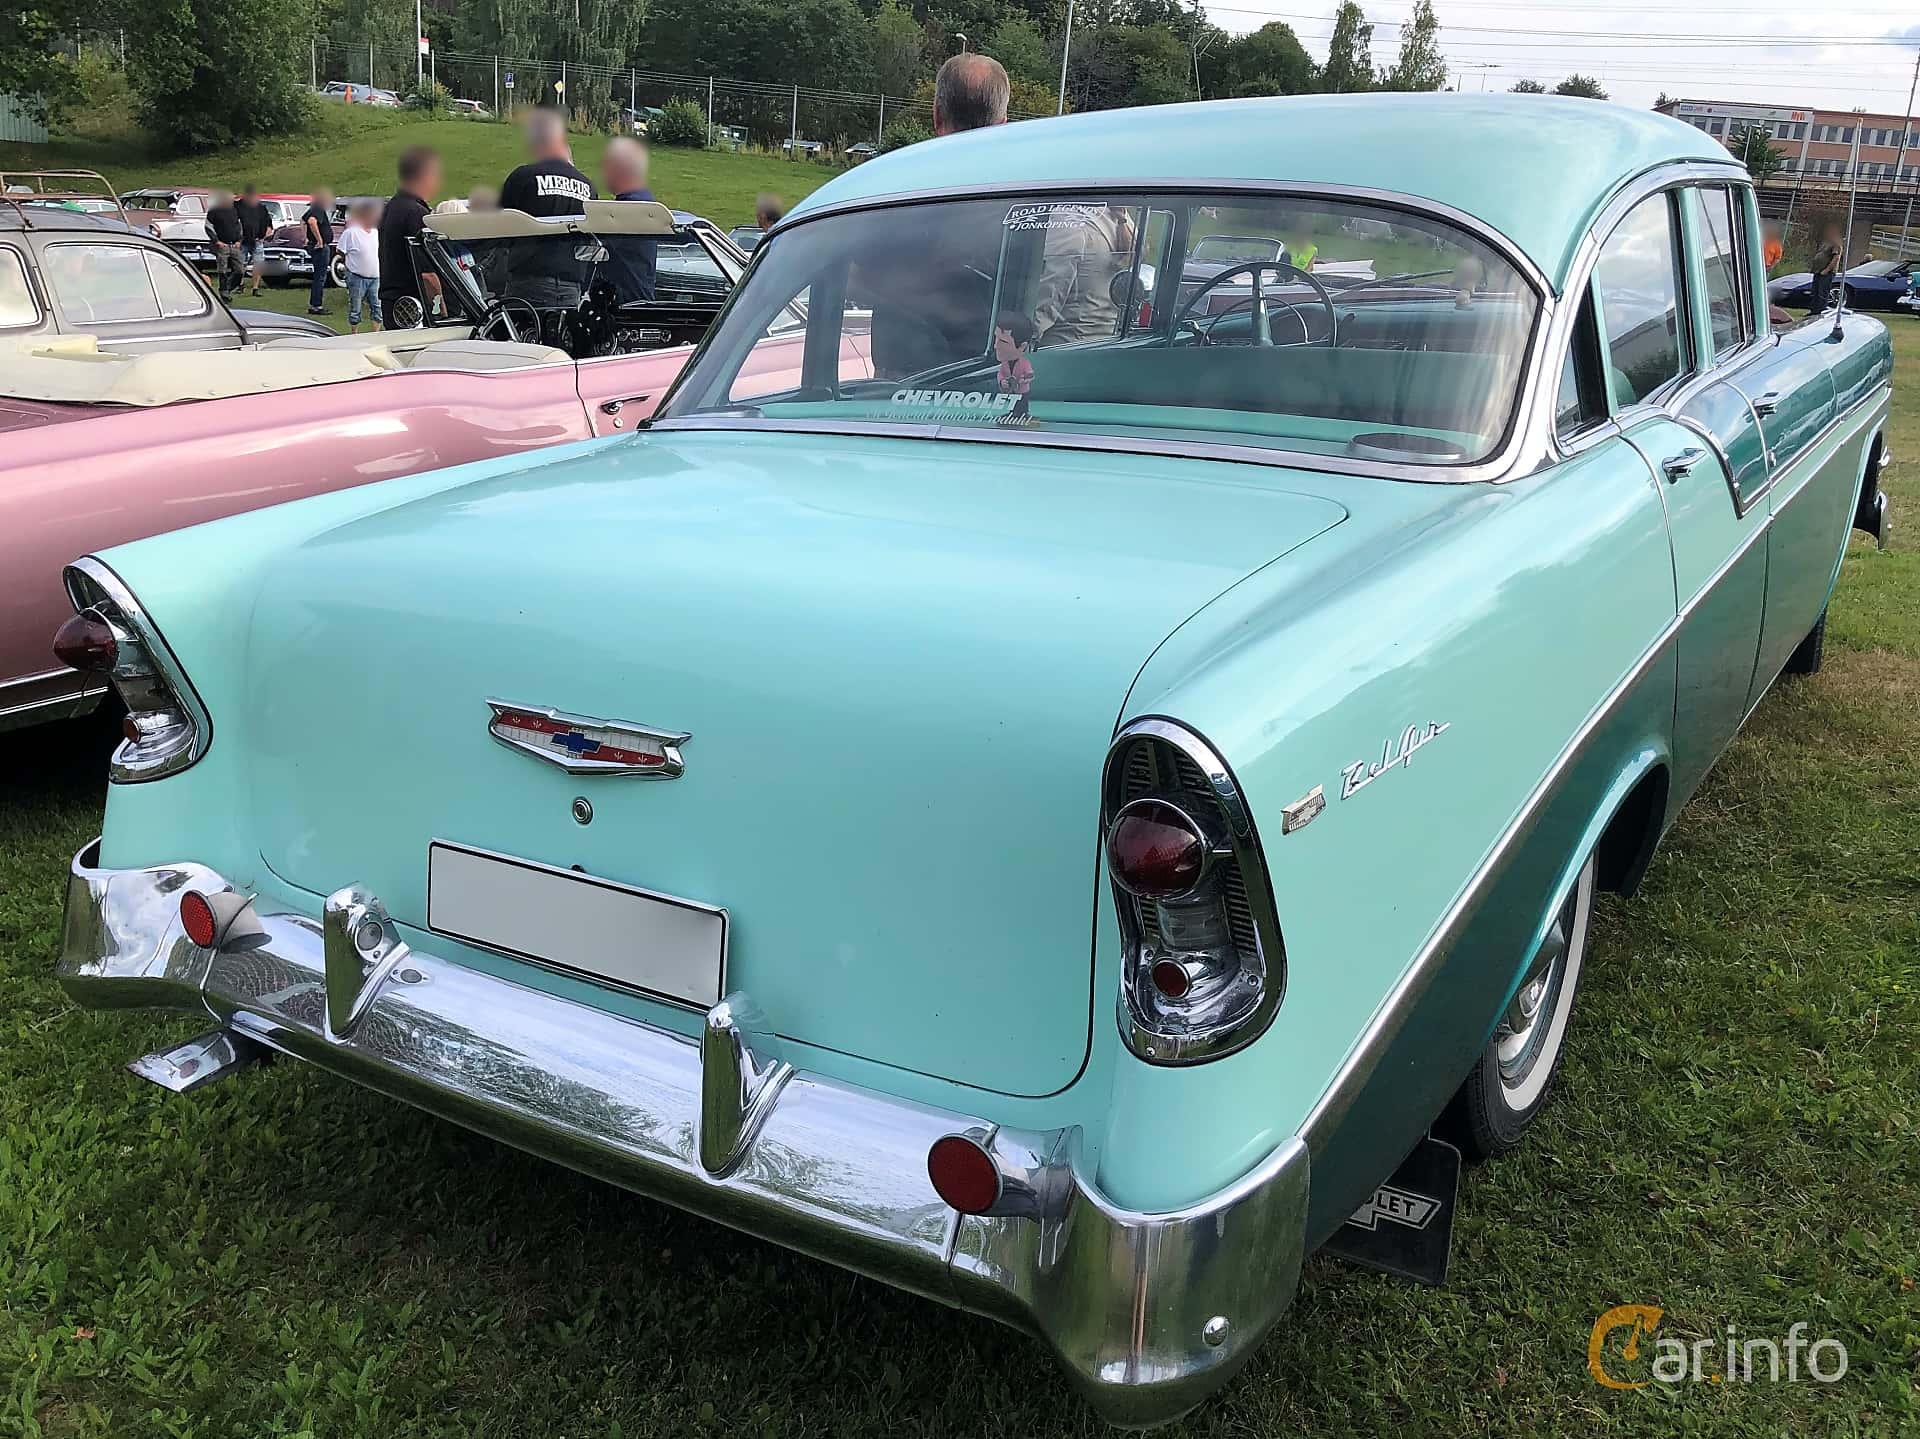 Chevrolet Bel Air 4-door Sedan 3.9 Powerglide, 142hp, 1956 at Bil & MC-träffar i Huskvarna Folkets Park 2019 vecka 32 tema Hot Rods